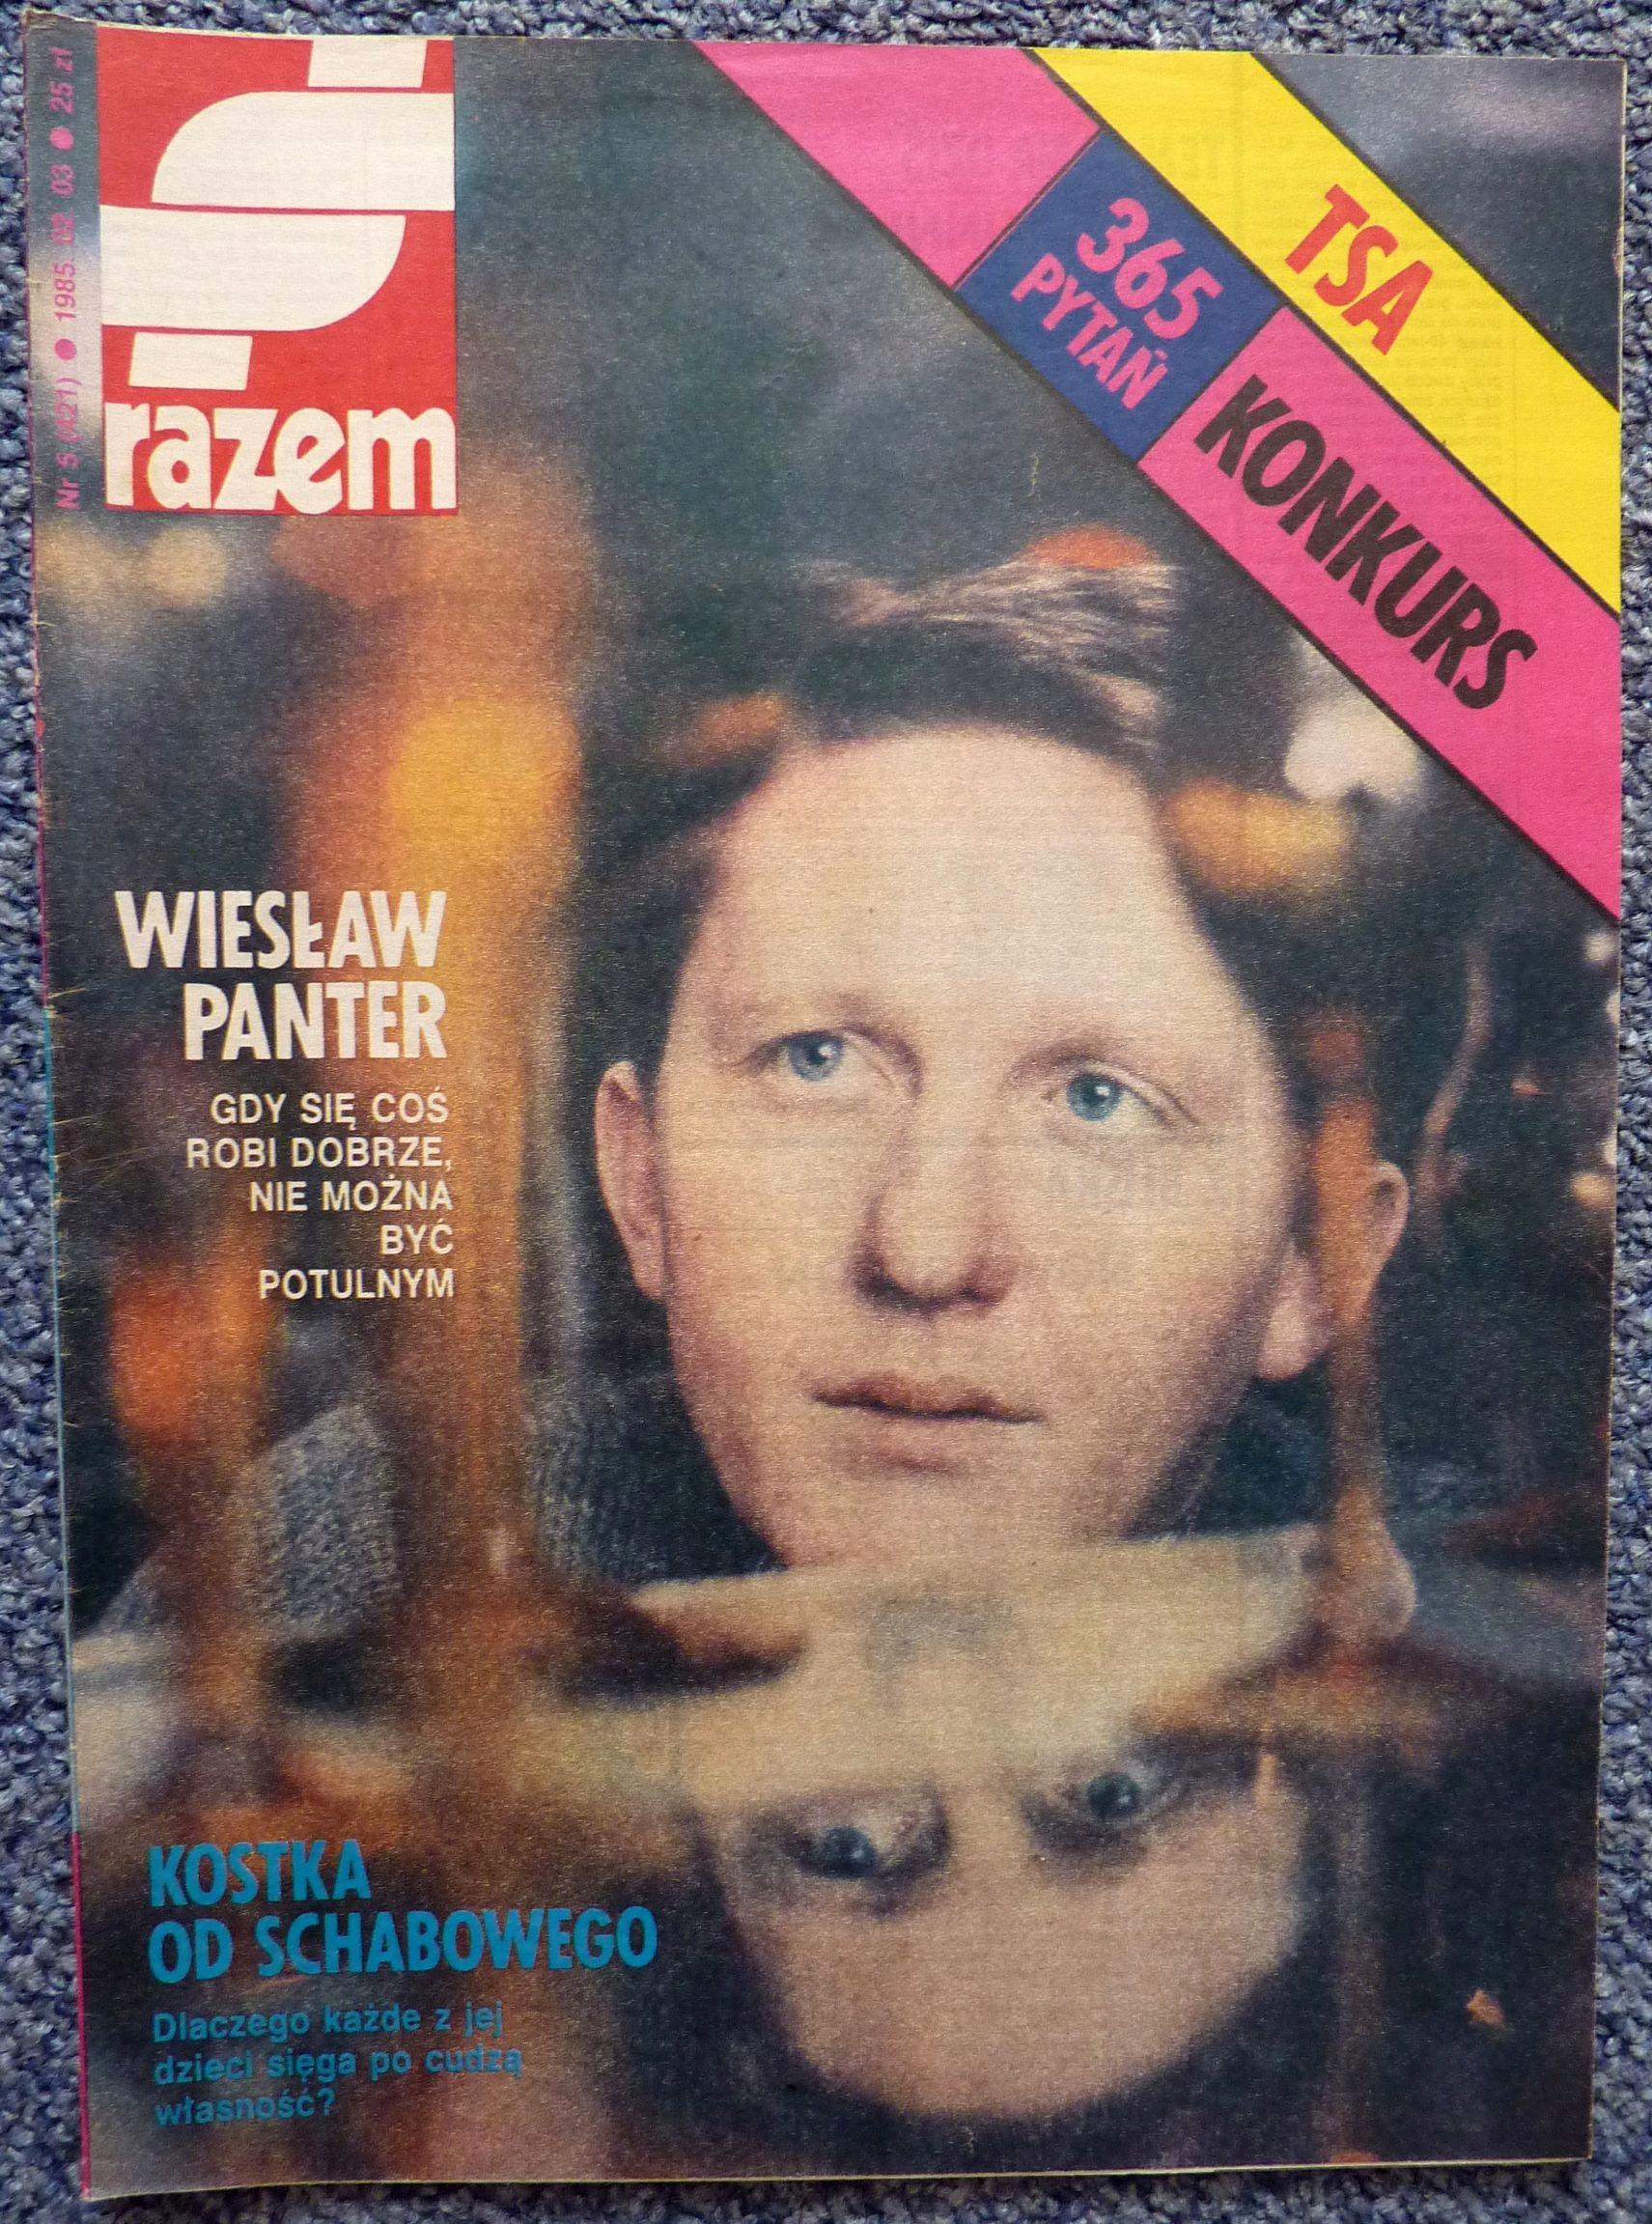 ИТОГО еженедельный № 5/1985 - плакат - TSA